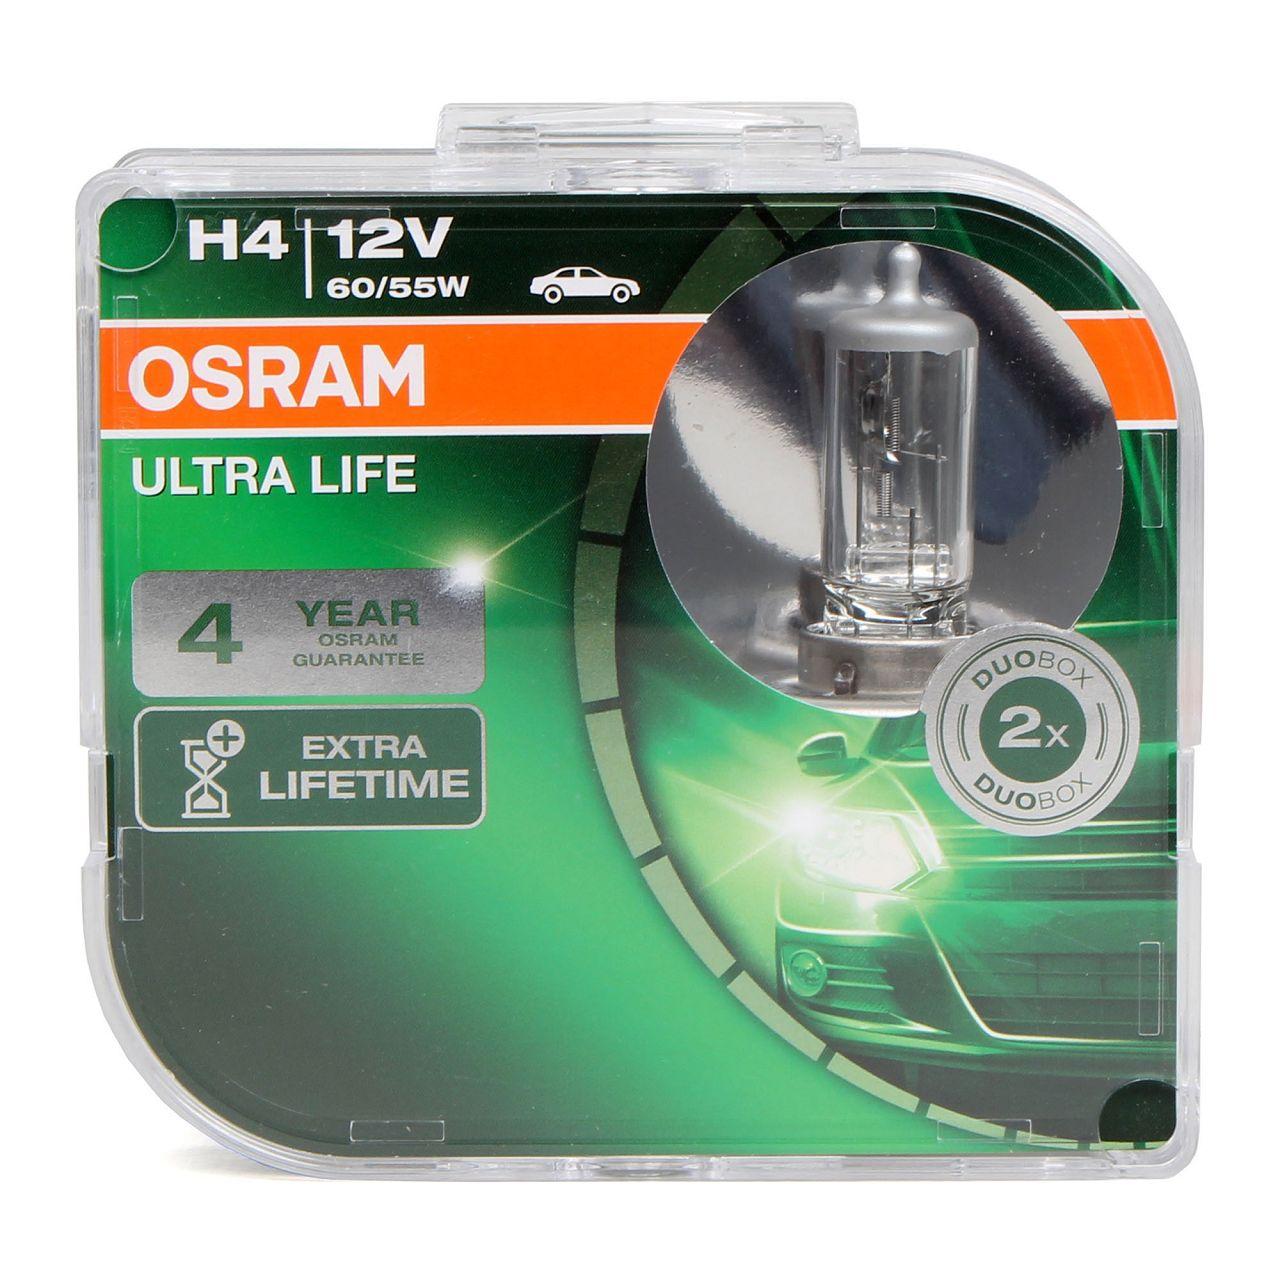 2x OSRAM Halogenlampe Glühlampen H4 ULTRA LIFE 12V 60 / 55W P43t 64193ULT-HCB